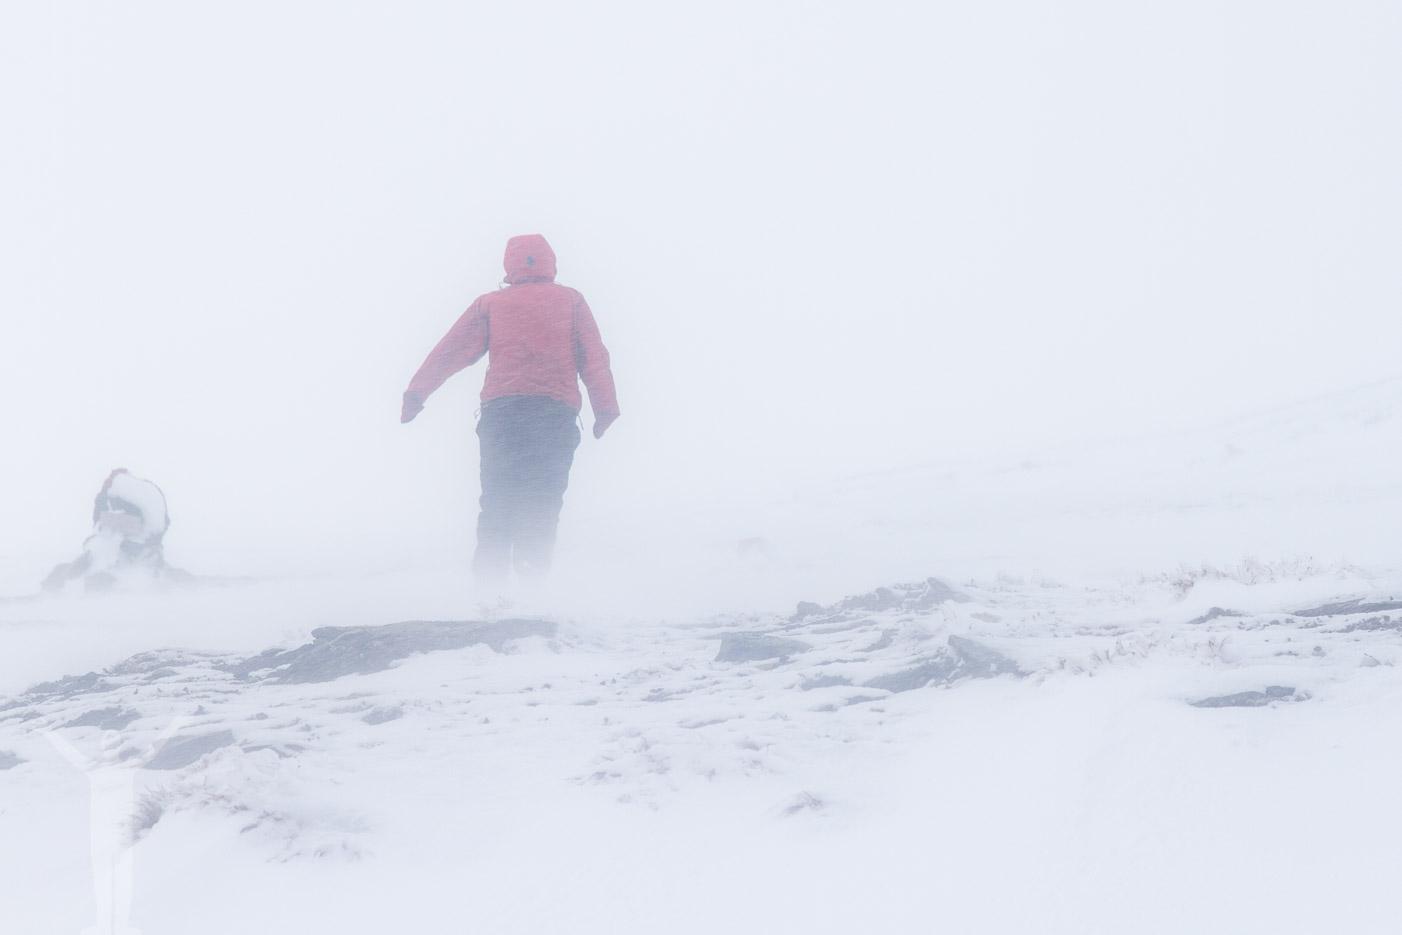 Snöstorm på väg till Låktatjåkko Fjällstation